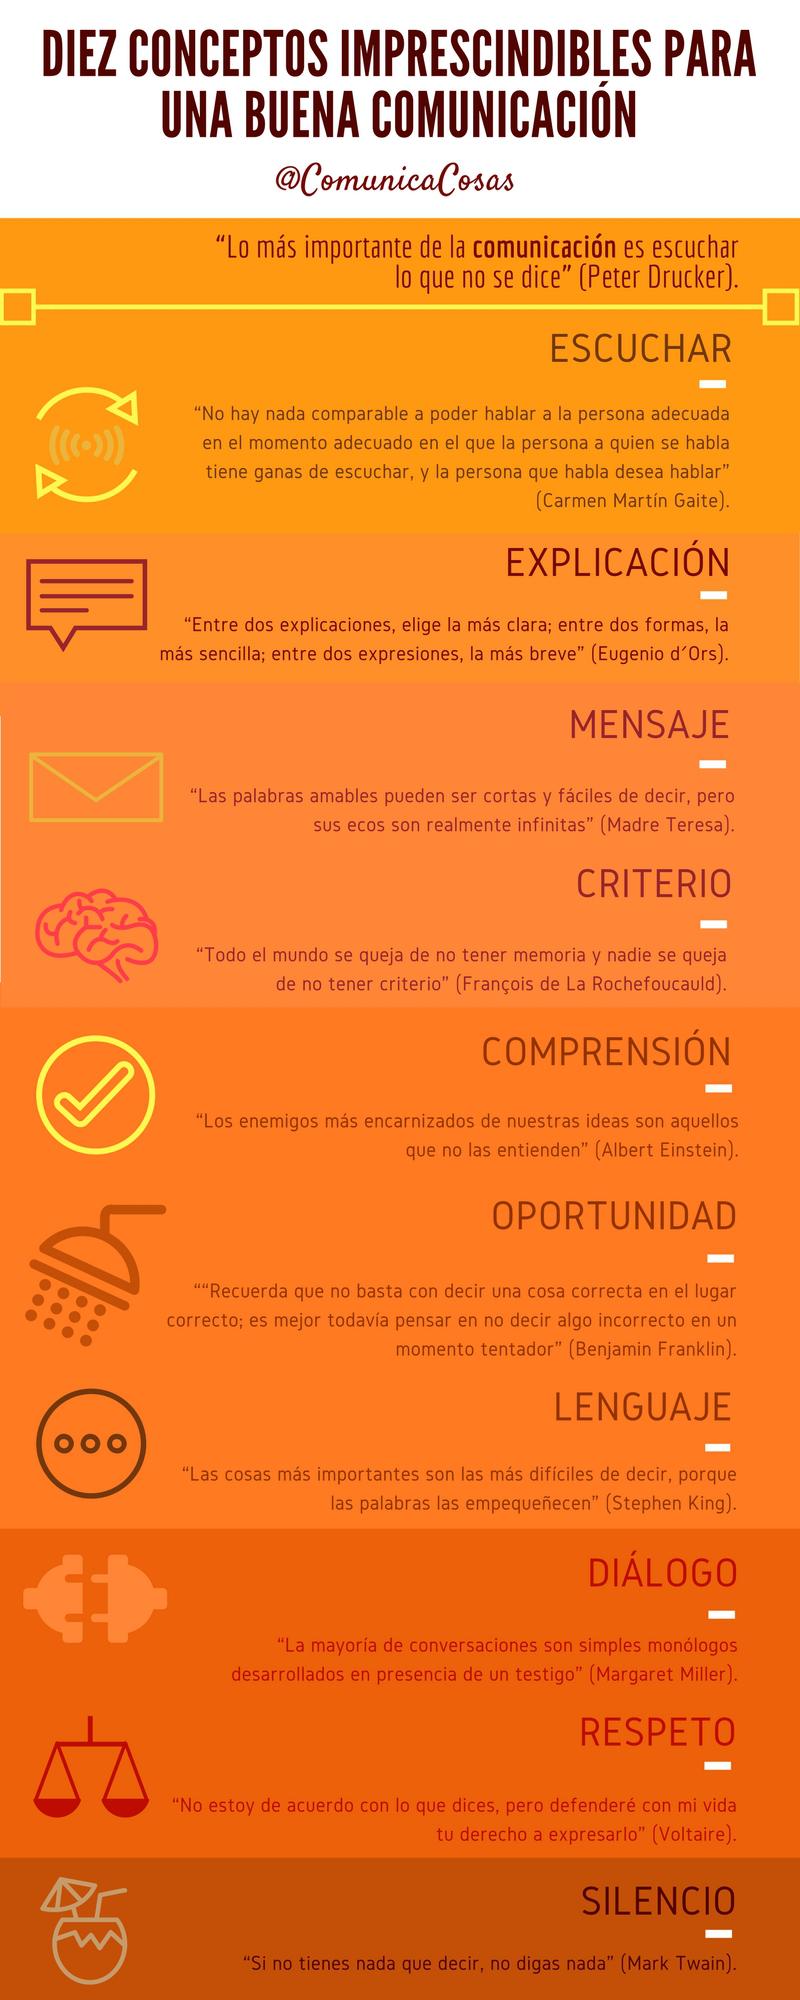 10 conceptos imprescindibles para una buena Comunicación